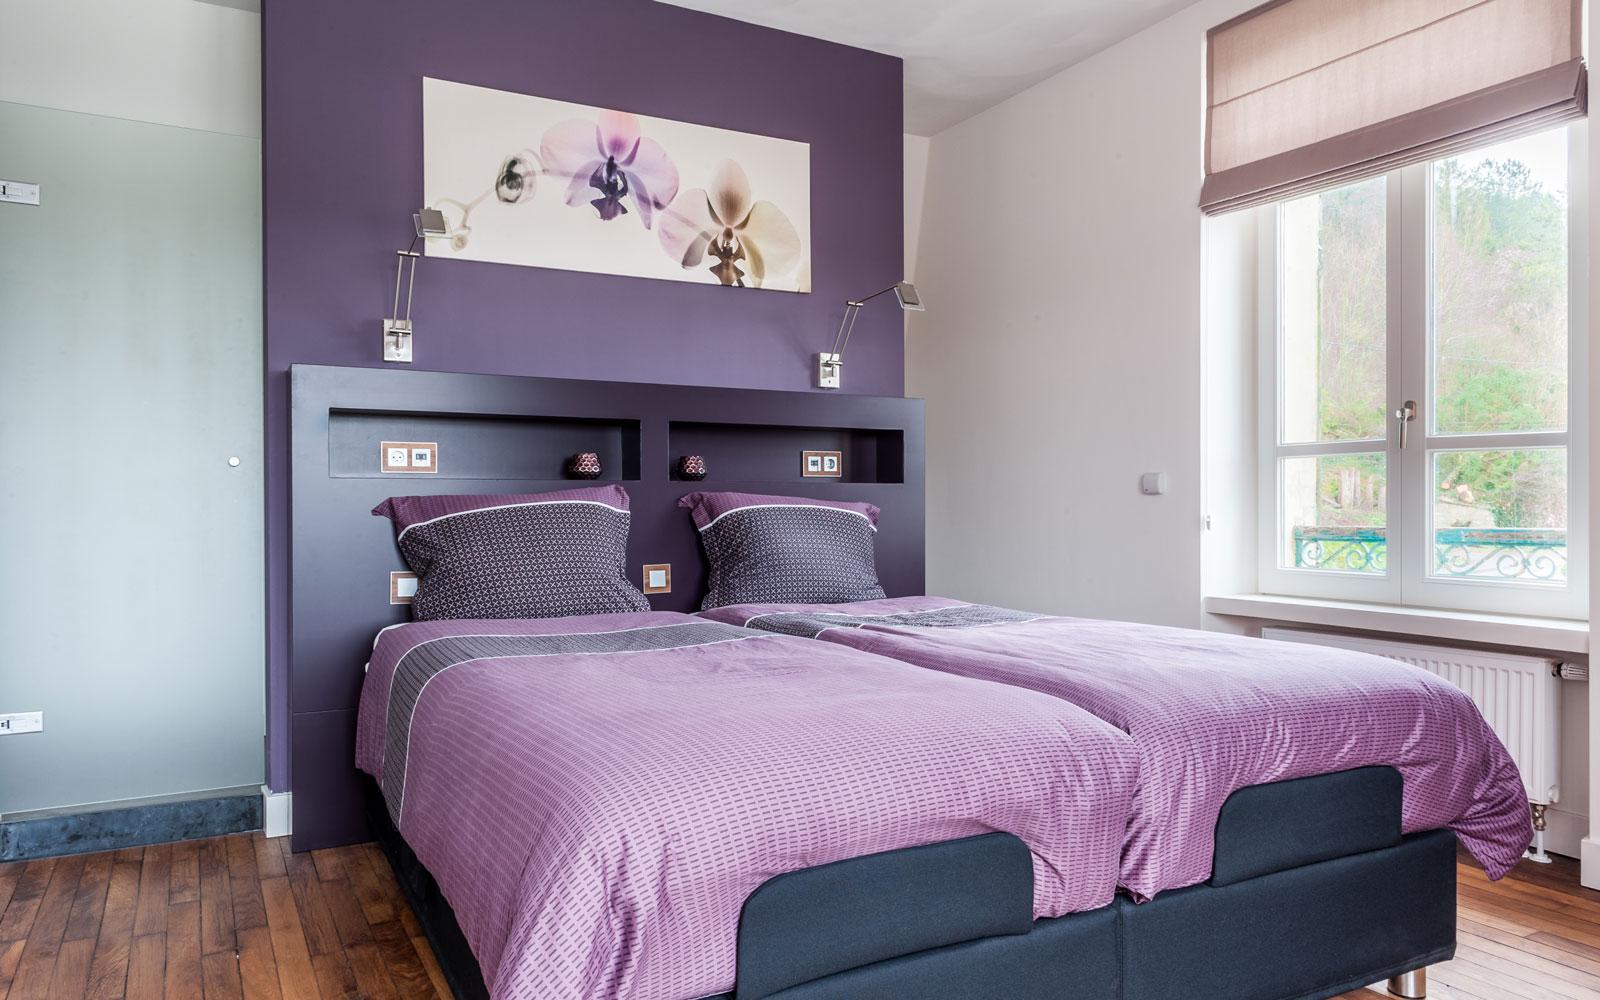 Slaapkamer, master bedroom, paars, bed, maatwerk achterwand, Modern klassiek interieur, MarStyling